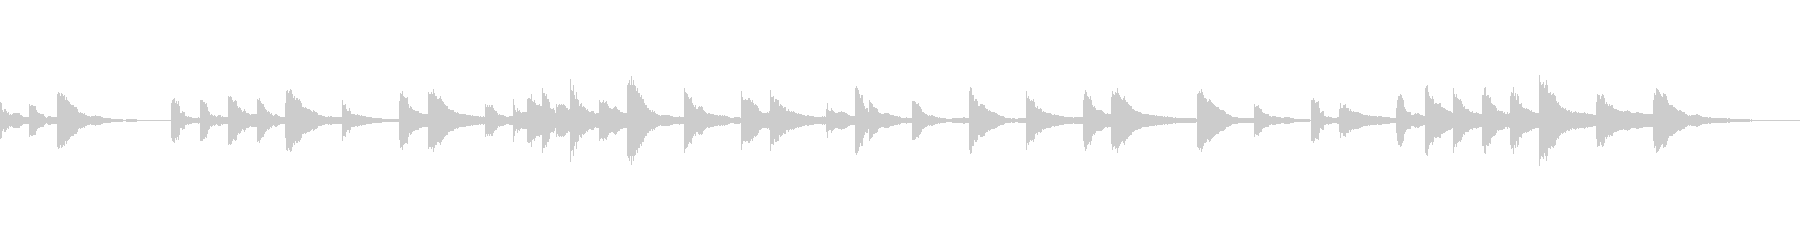 ソフトタッチピアノのみのヒーリング曲の未再生の波形